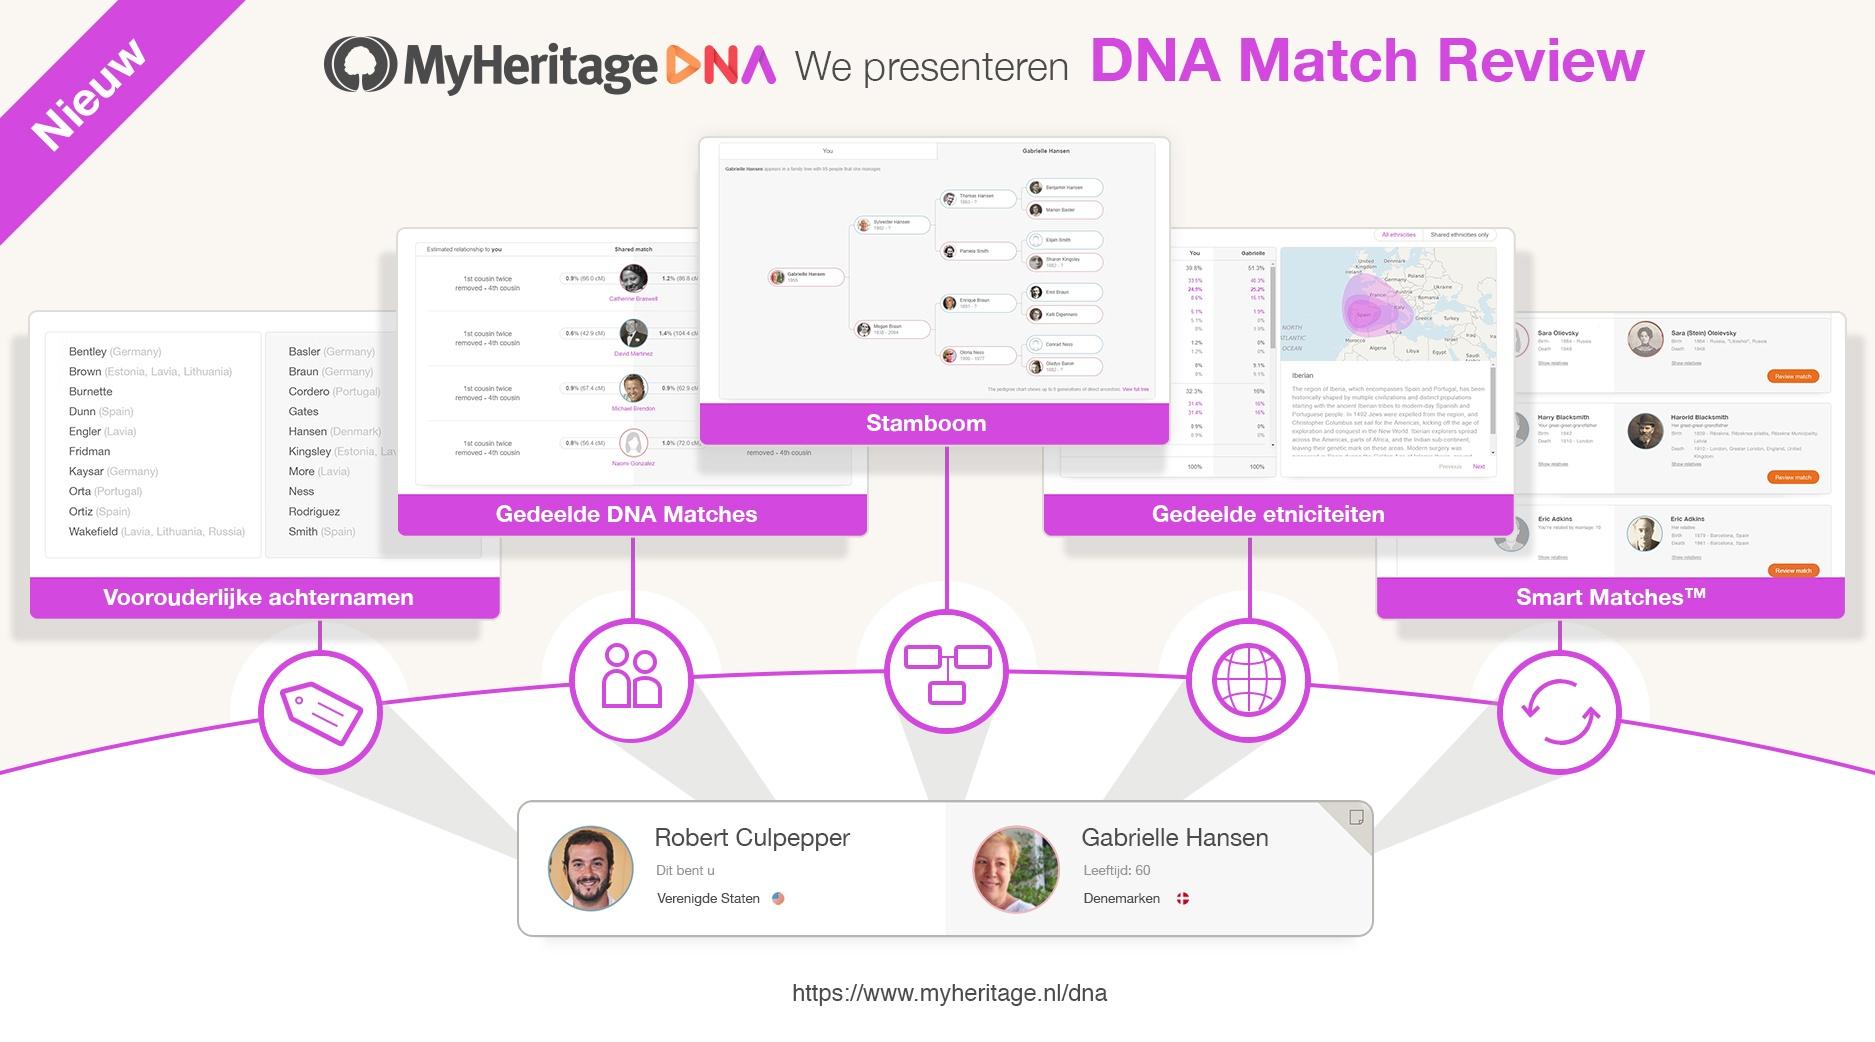 We presenteren DNA Match Review